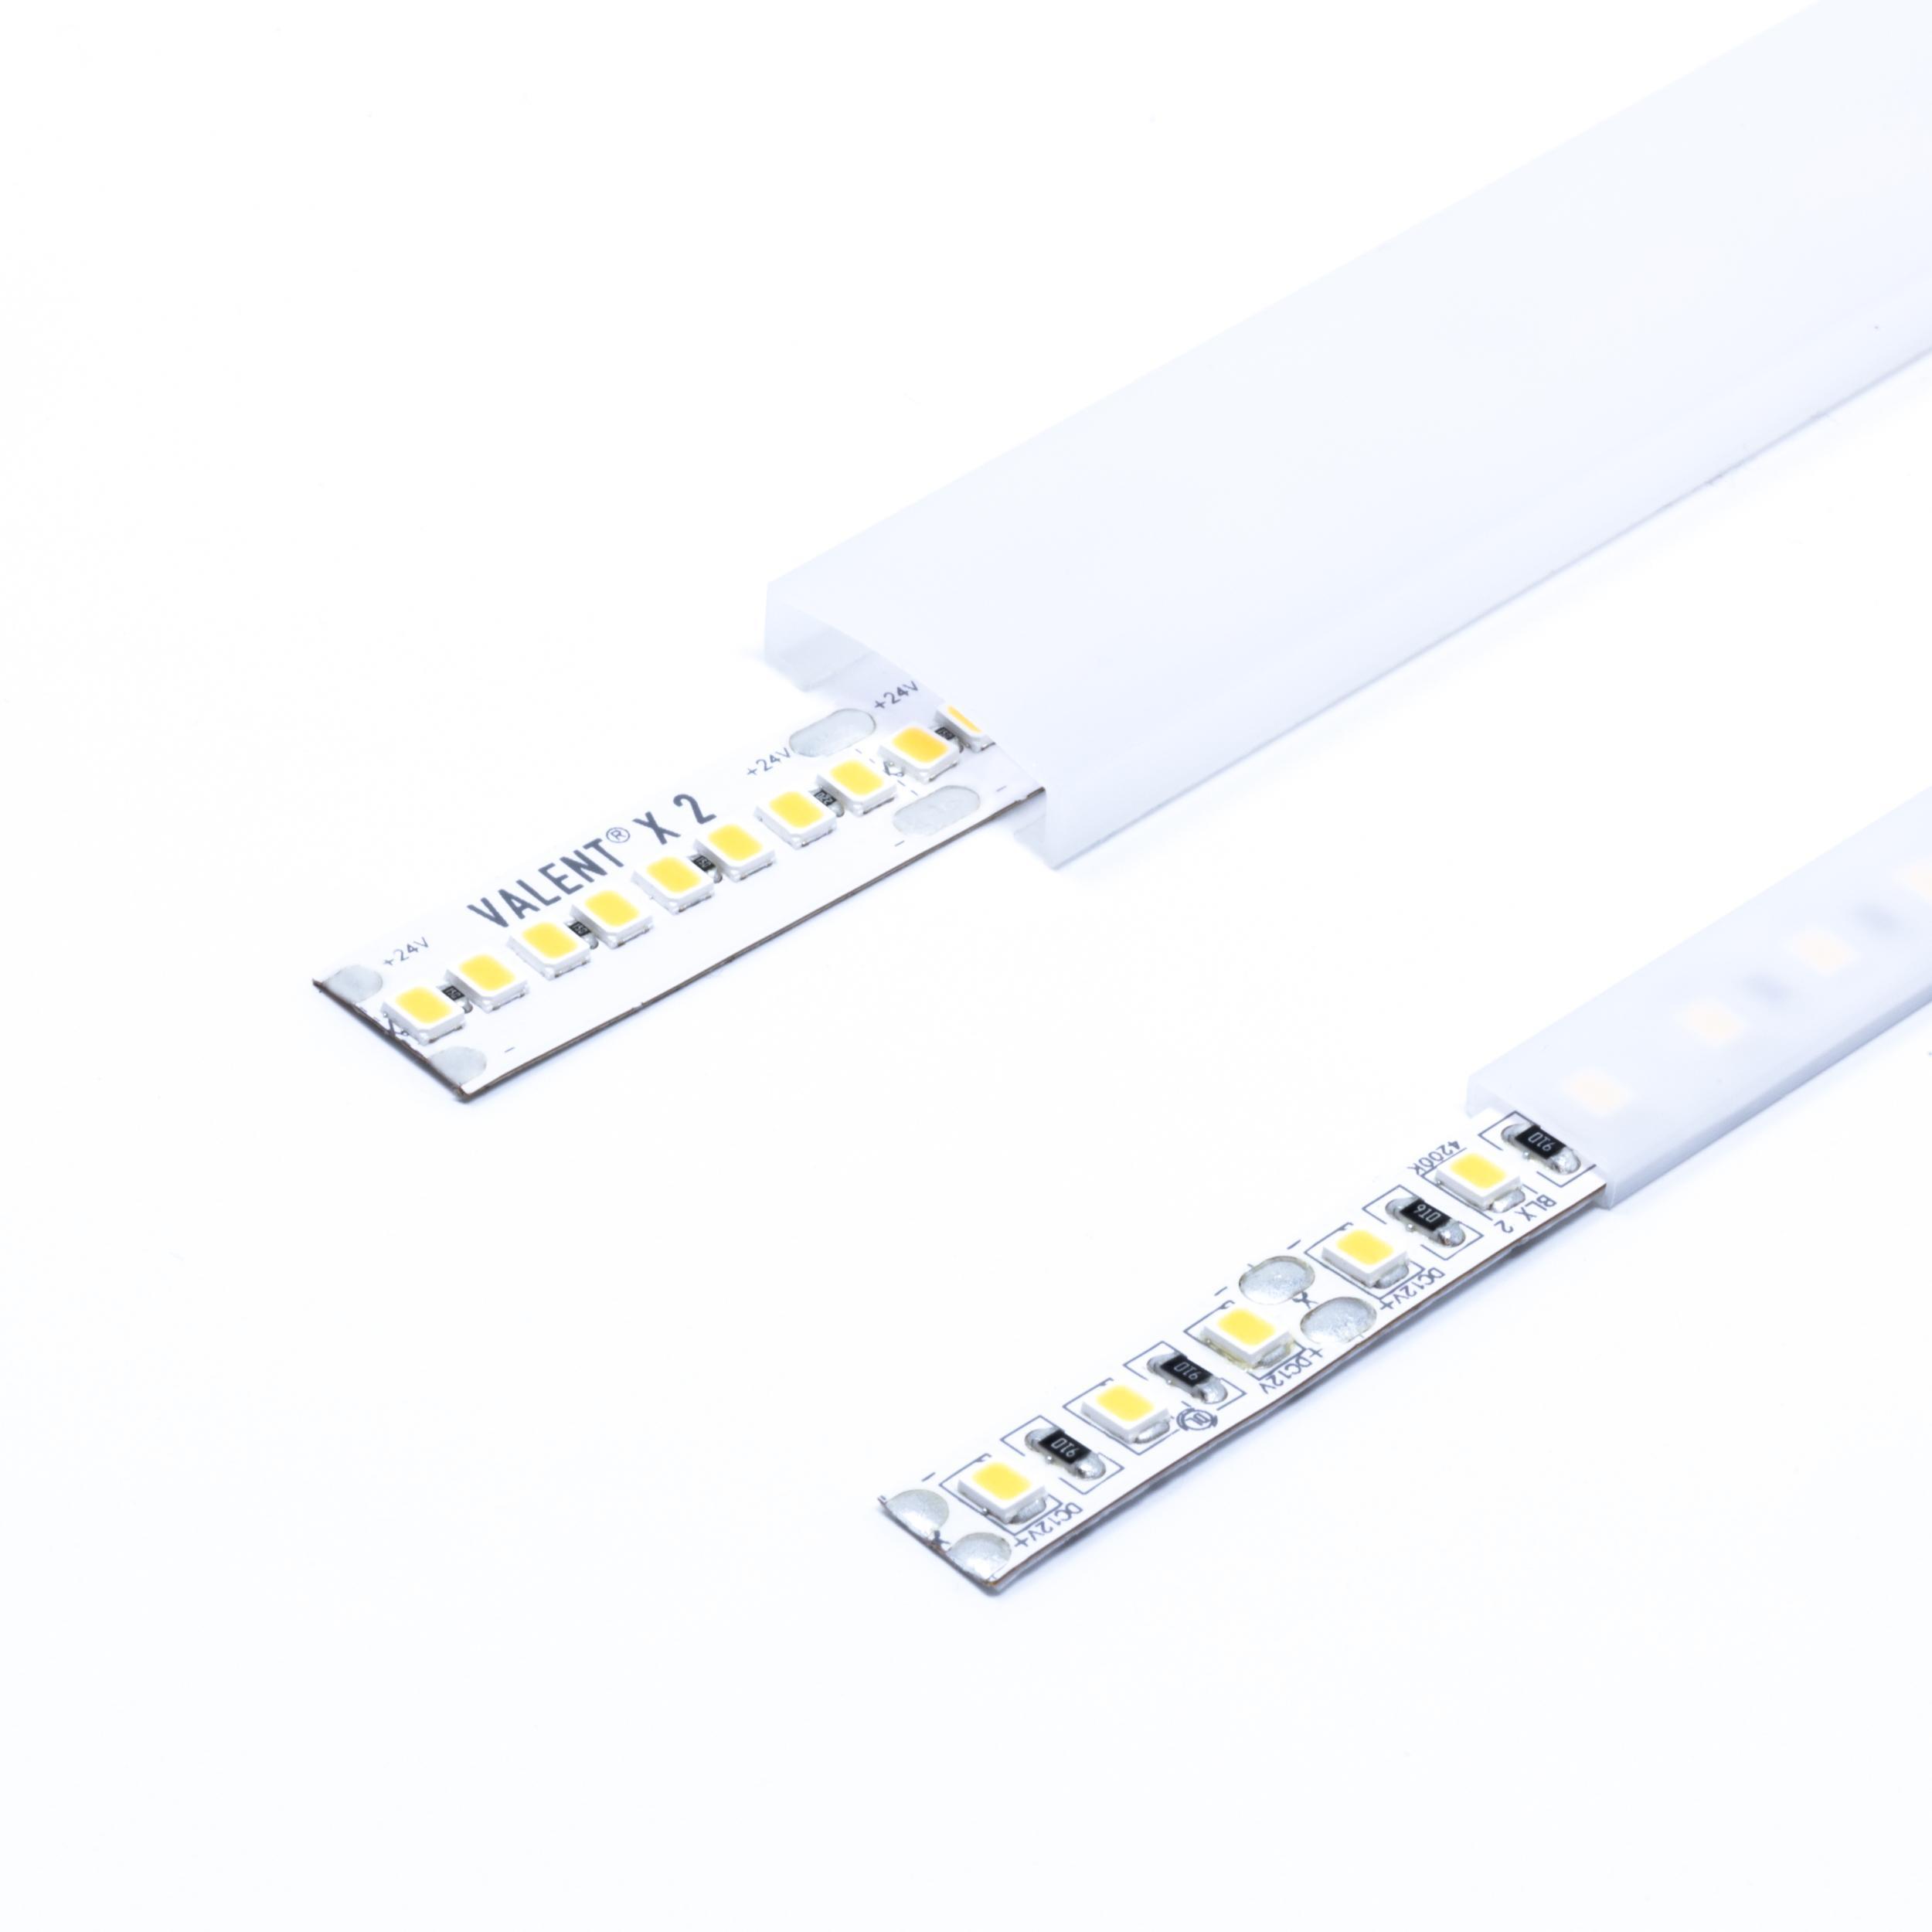 TAPEGUARD® LED Tape Light Cover